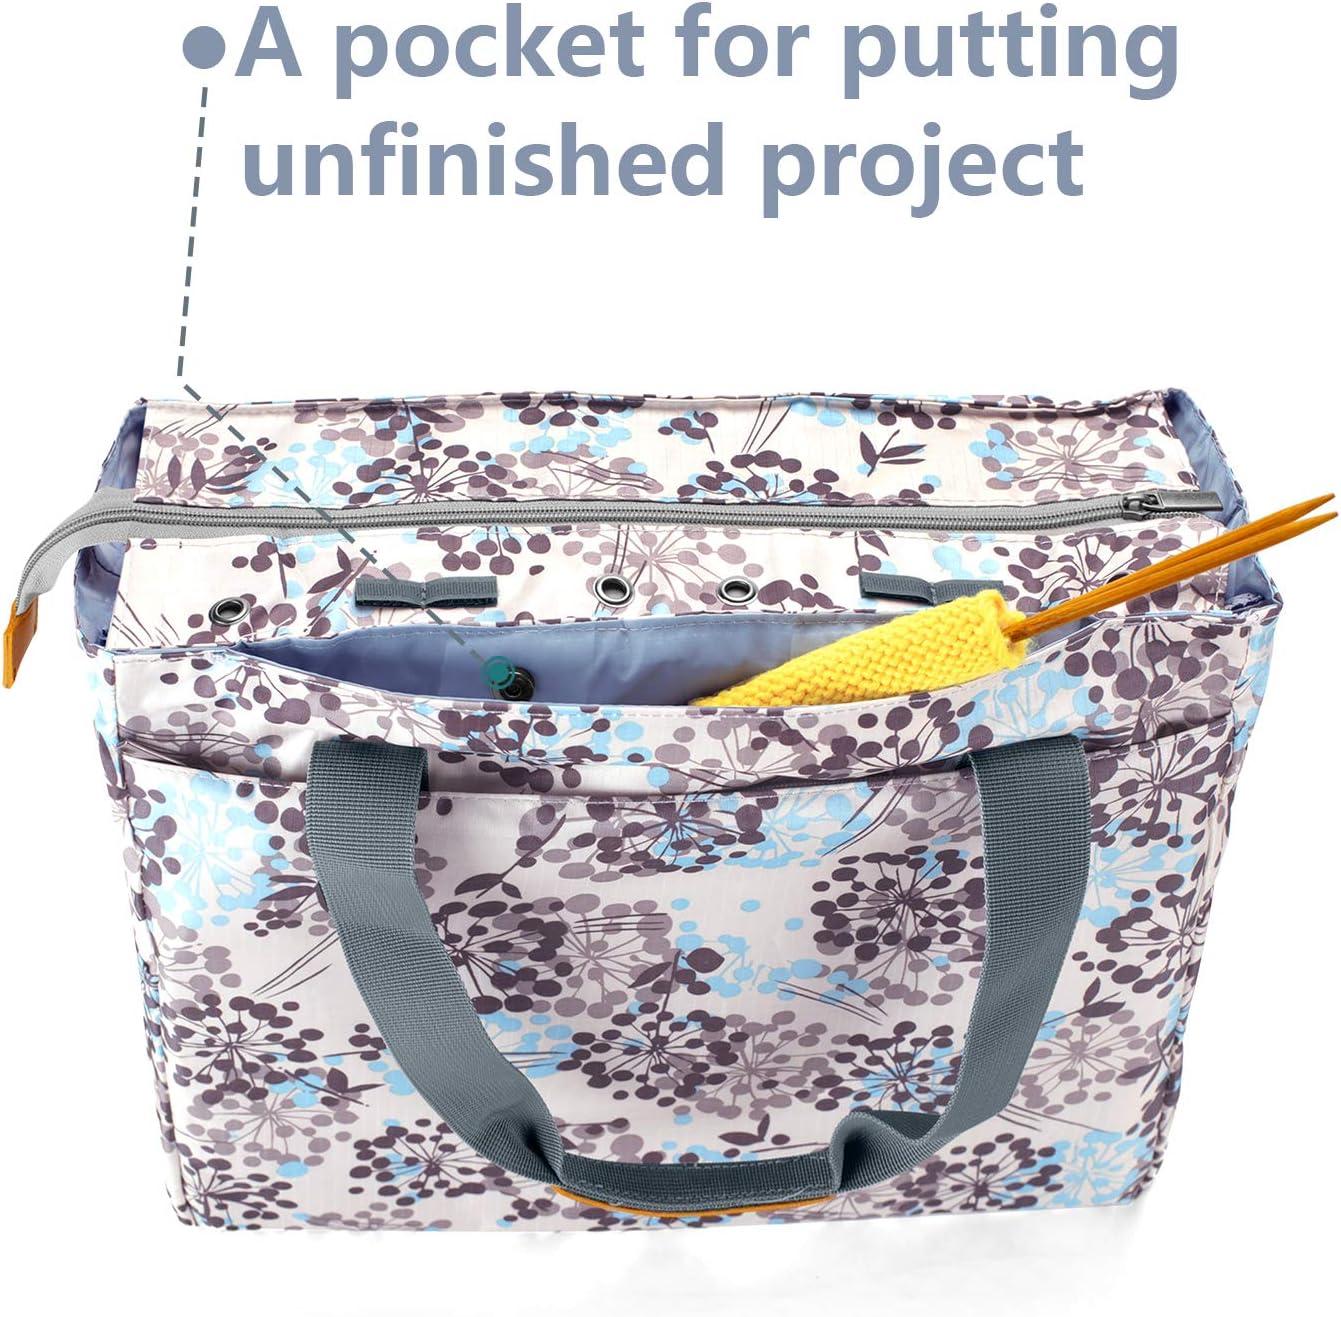 IPOTCH Stricktasche Aufbewahrung H/äkelnadeln Geometrie und Zubeh/ör Stricknadeln Strickprojekte Handarbeitstasche Aufbewahrungstasche f/ür Wolle